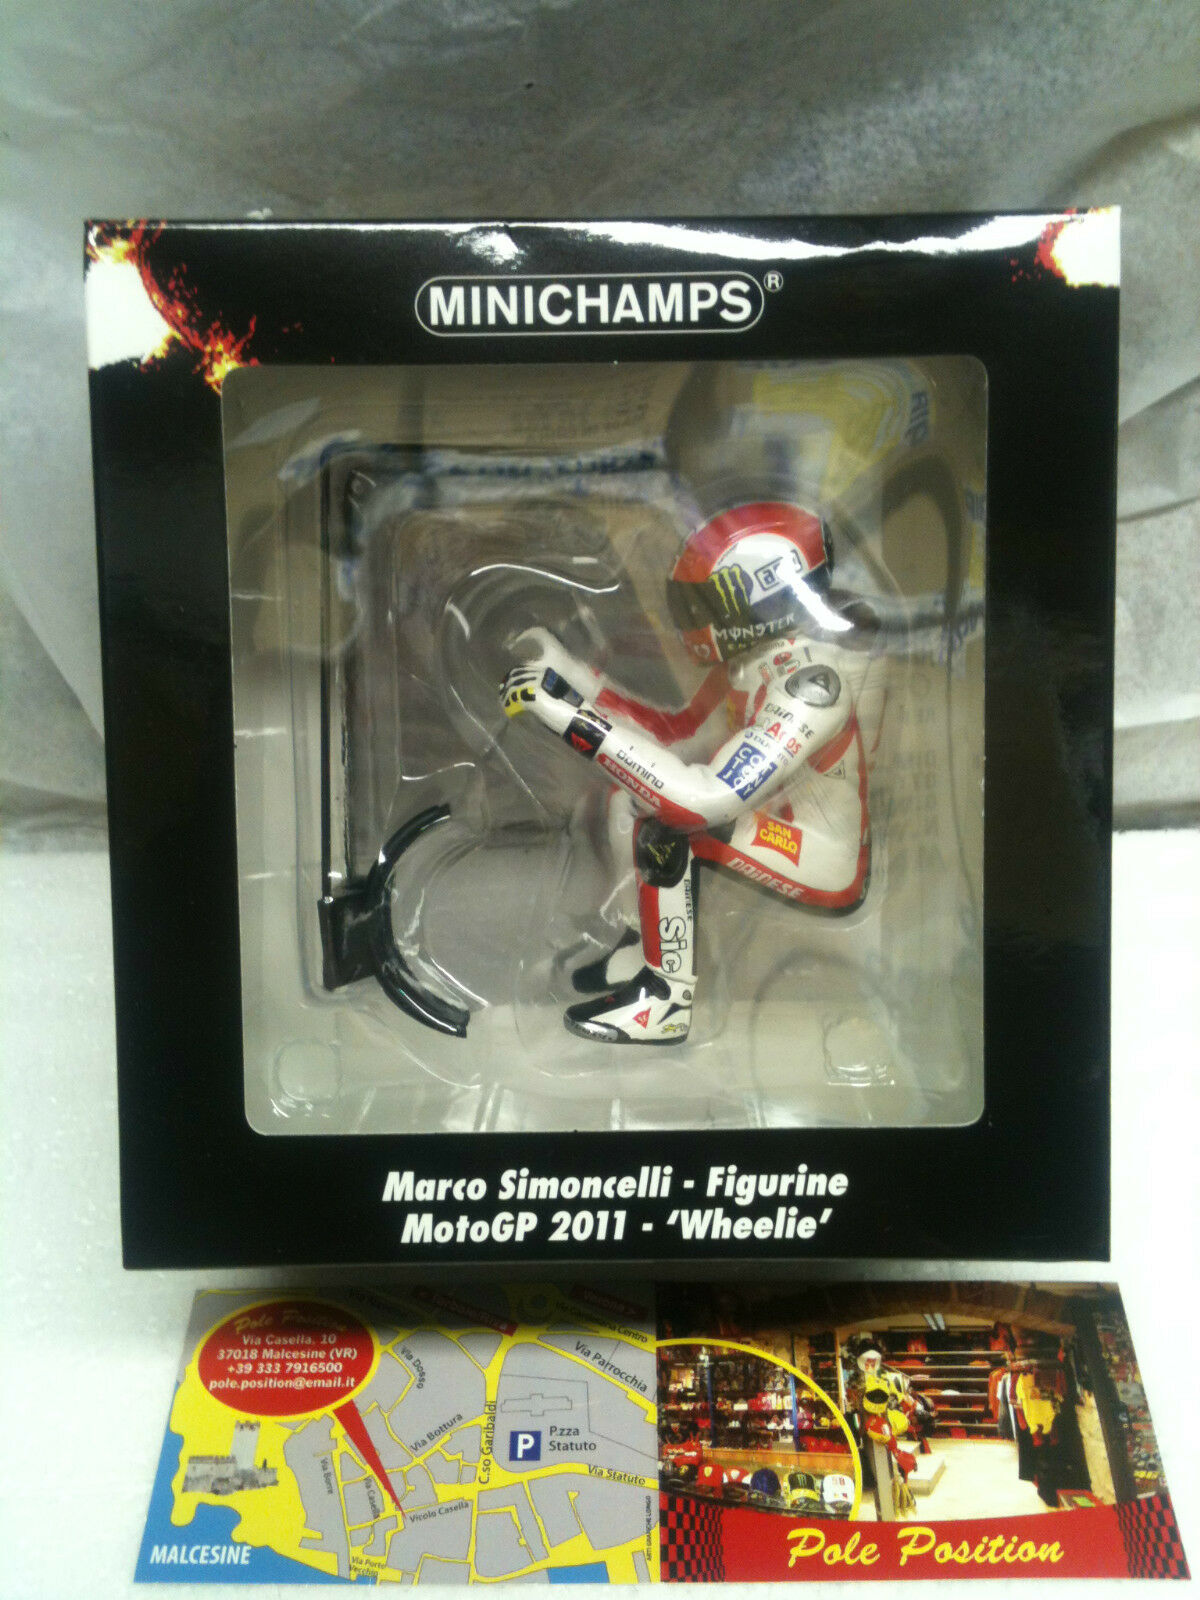 Para tu estilo de juego a los precios más baratos. MINICHAMPS 1 12 12 12 FIGURA FIGURINE SIMONCELLI MOTOGP 2011 -´WHEELIE´ L.E. 1158 pcs.  de moda